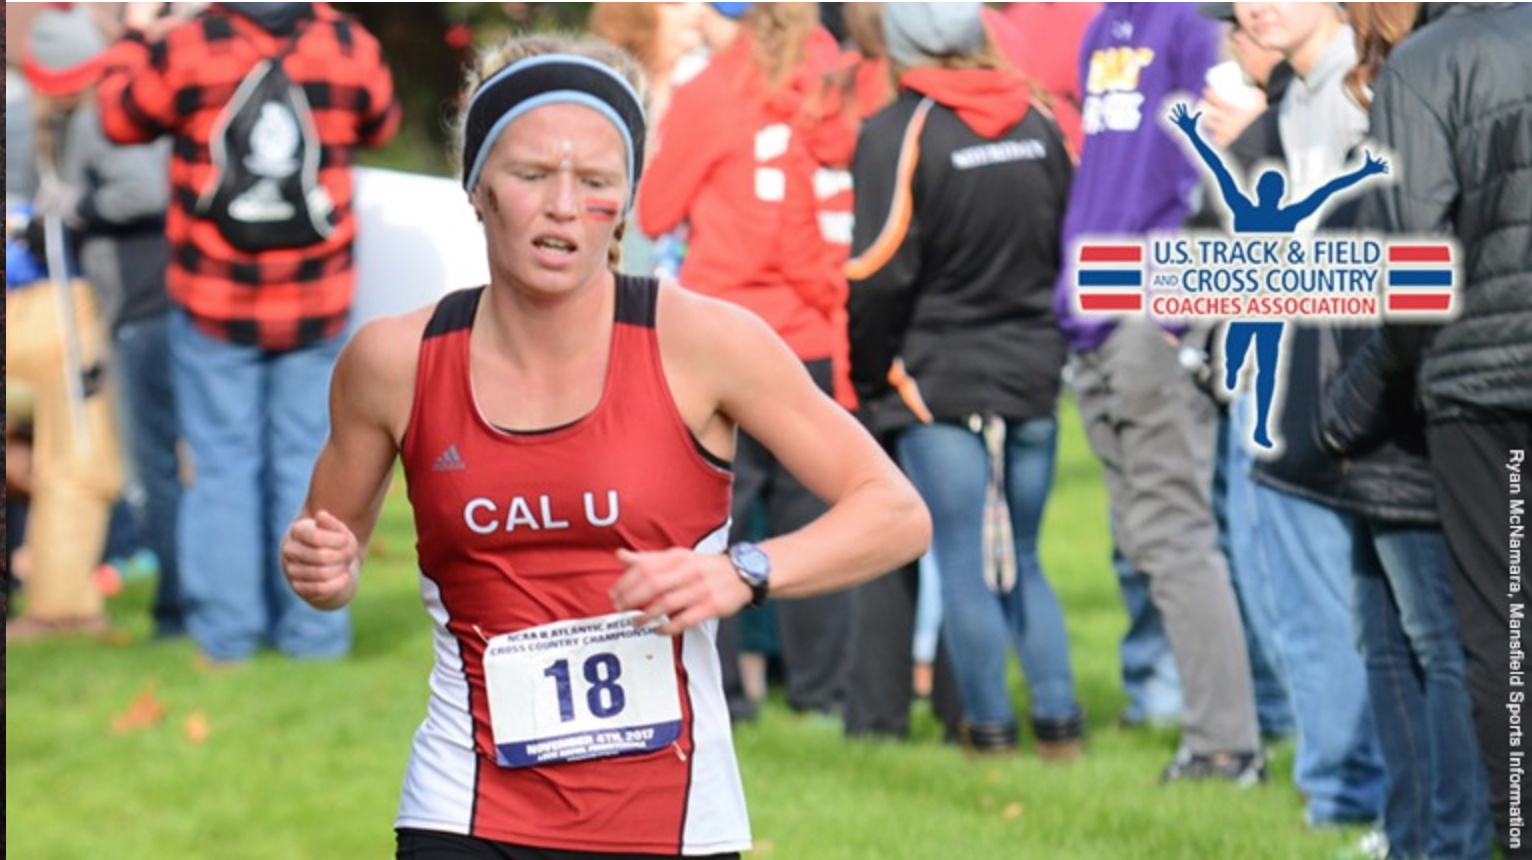 Julie Friend runs at nationals.